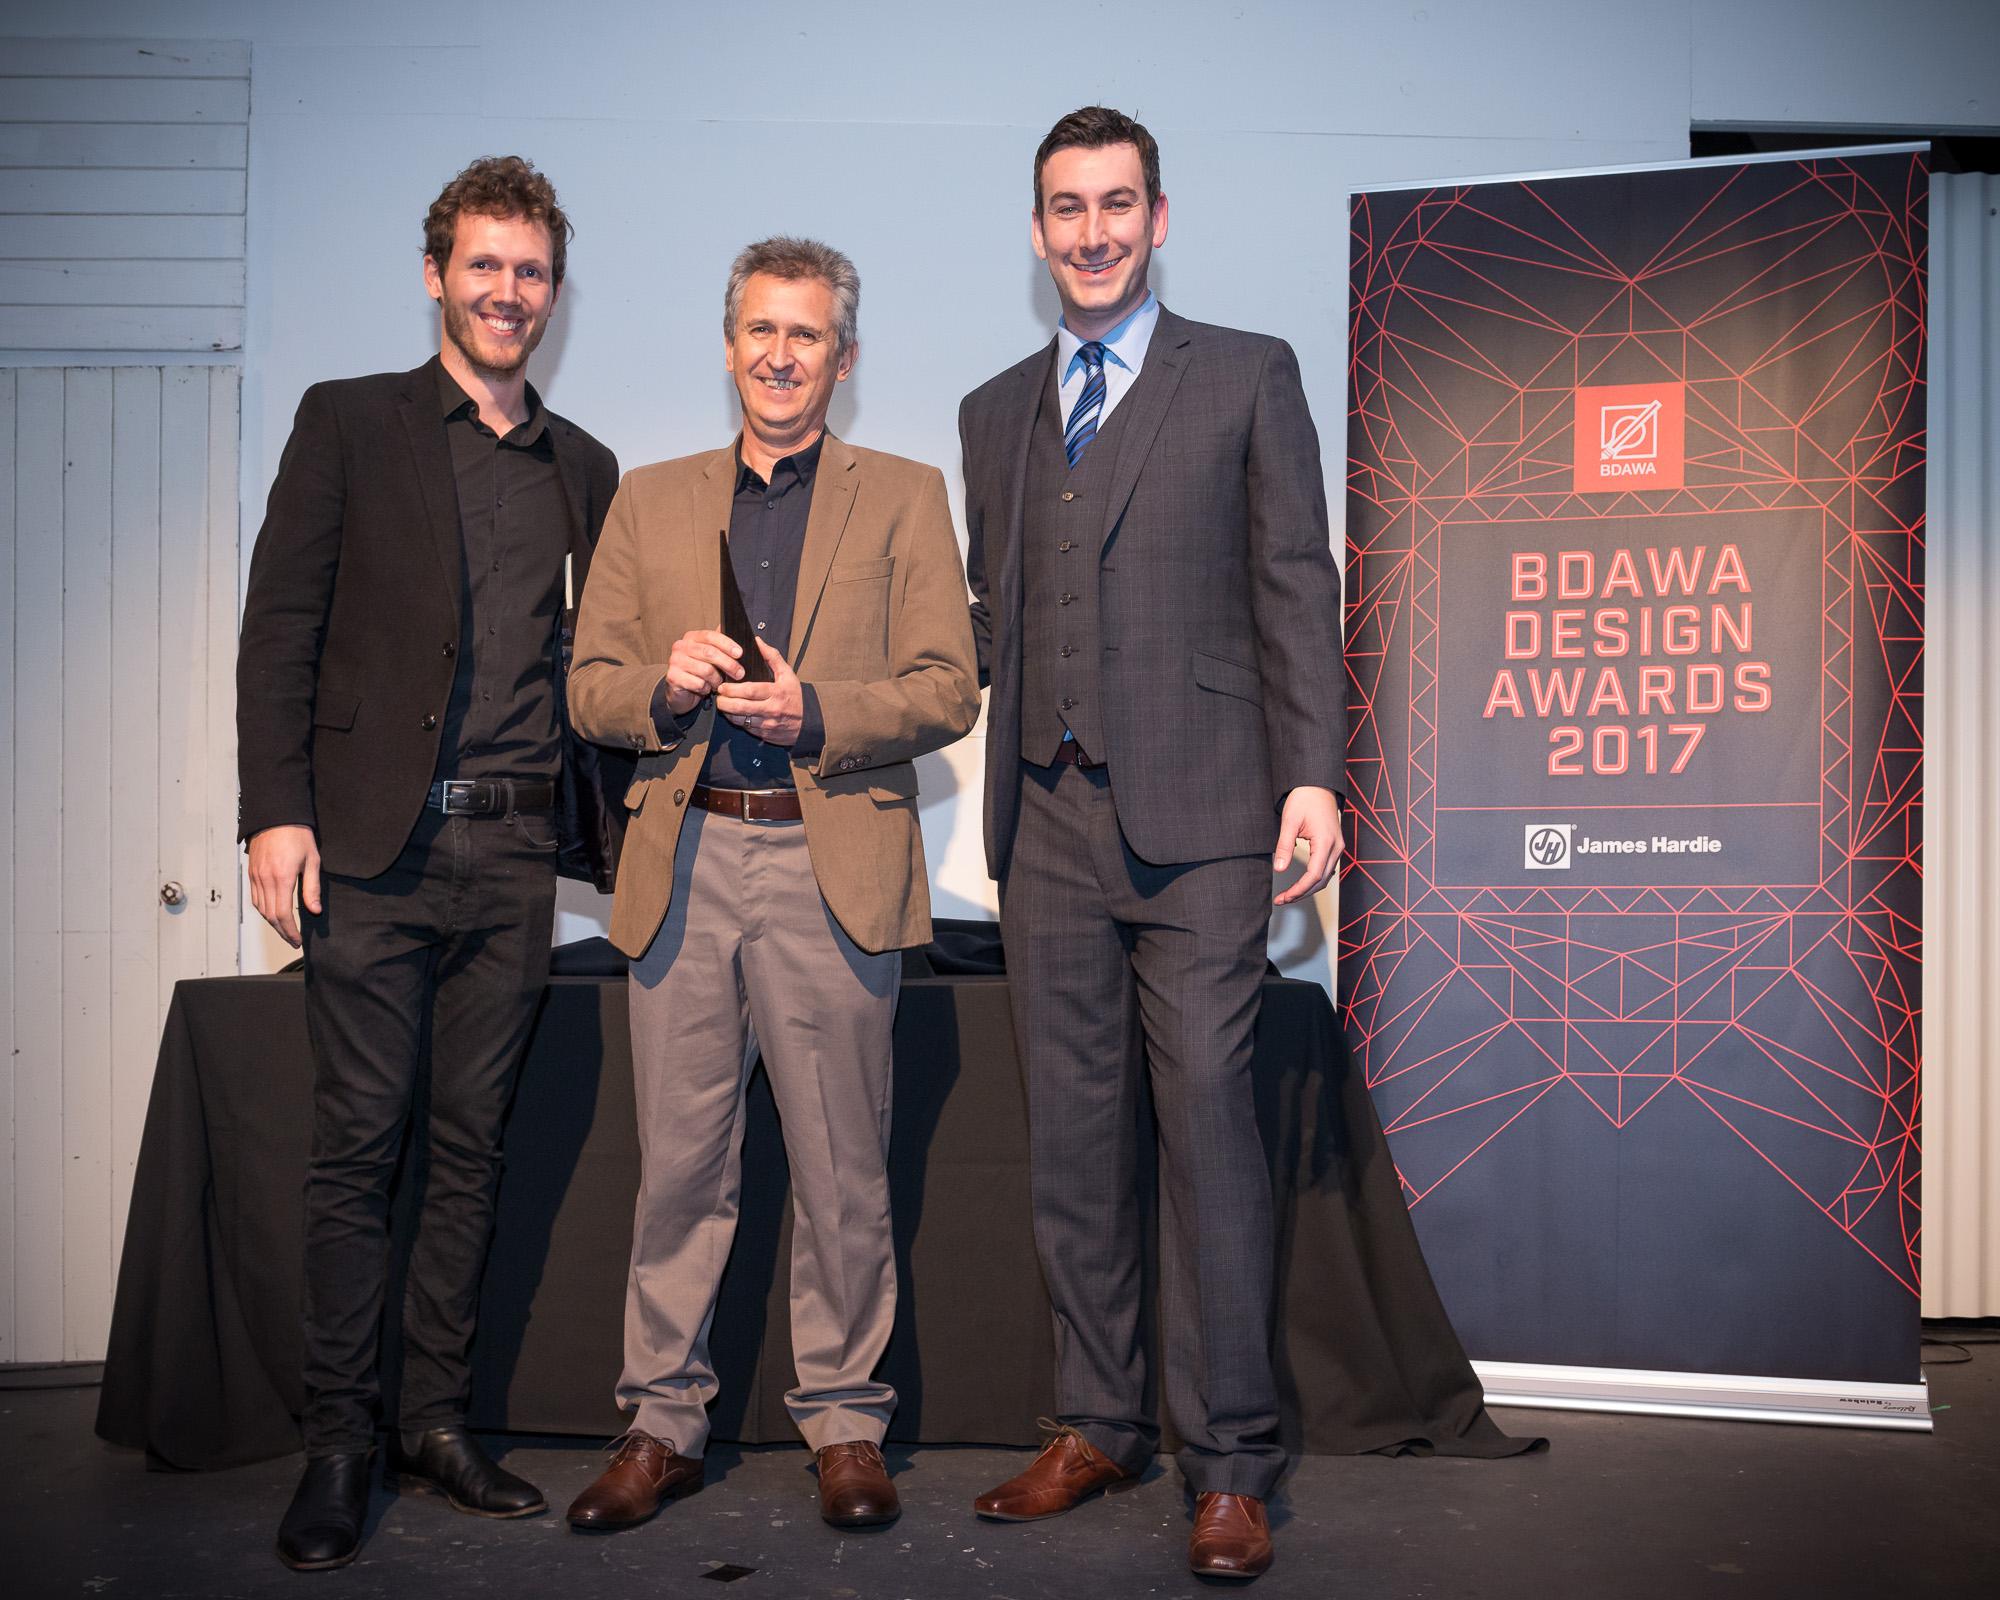 0210 BDA WA Awards 2017 _JHG7531.jpg